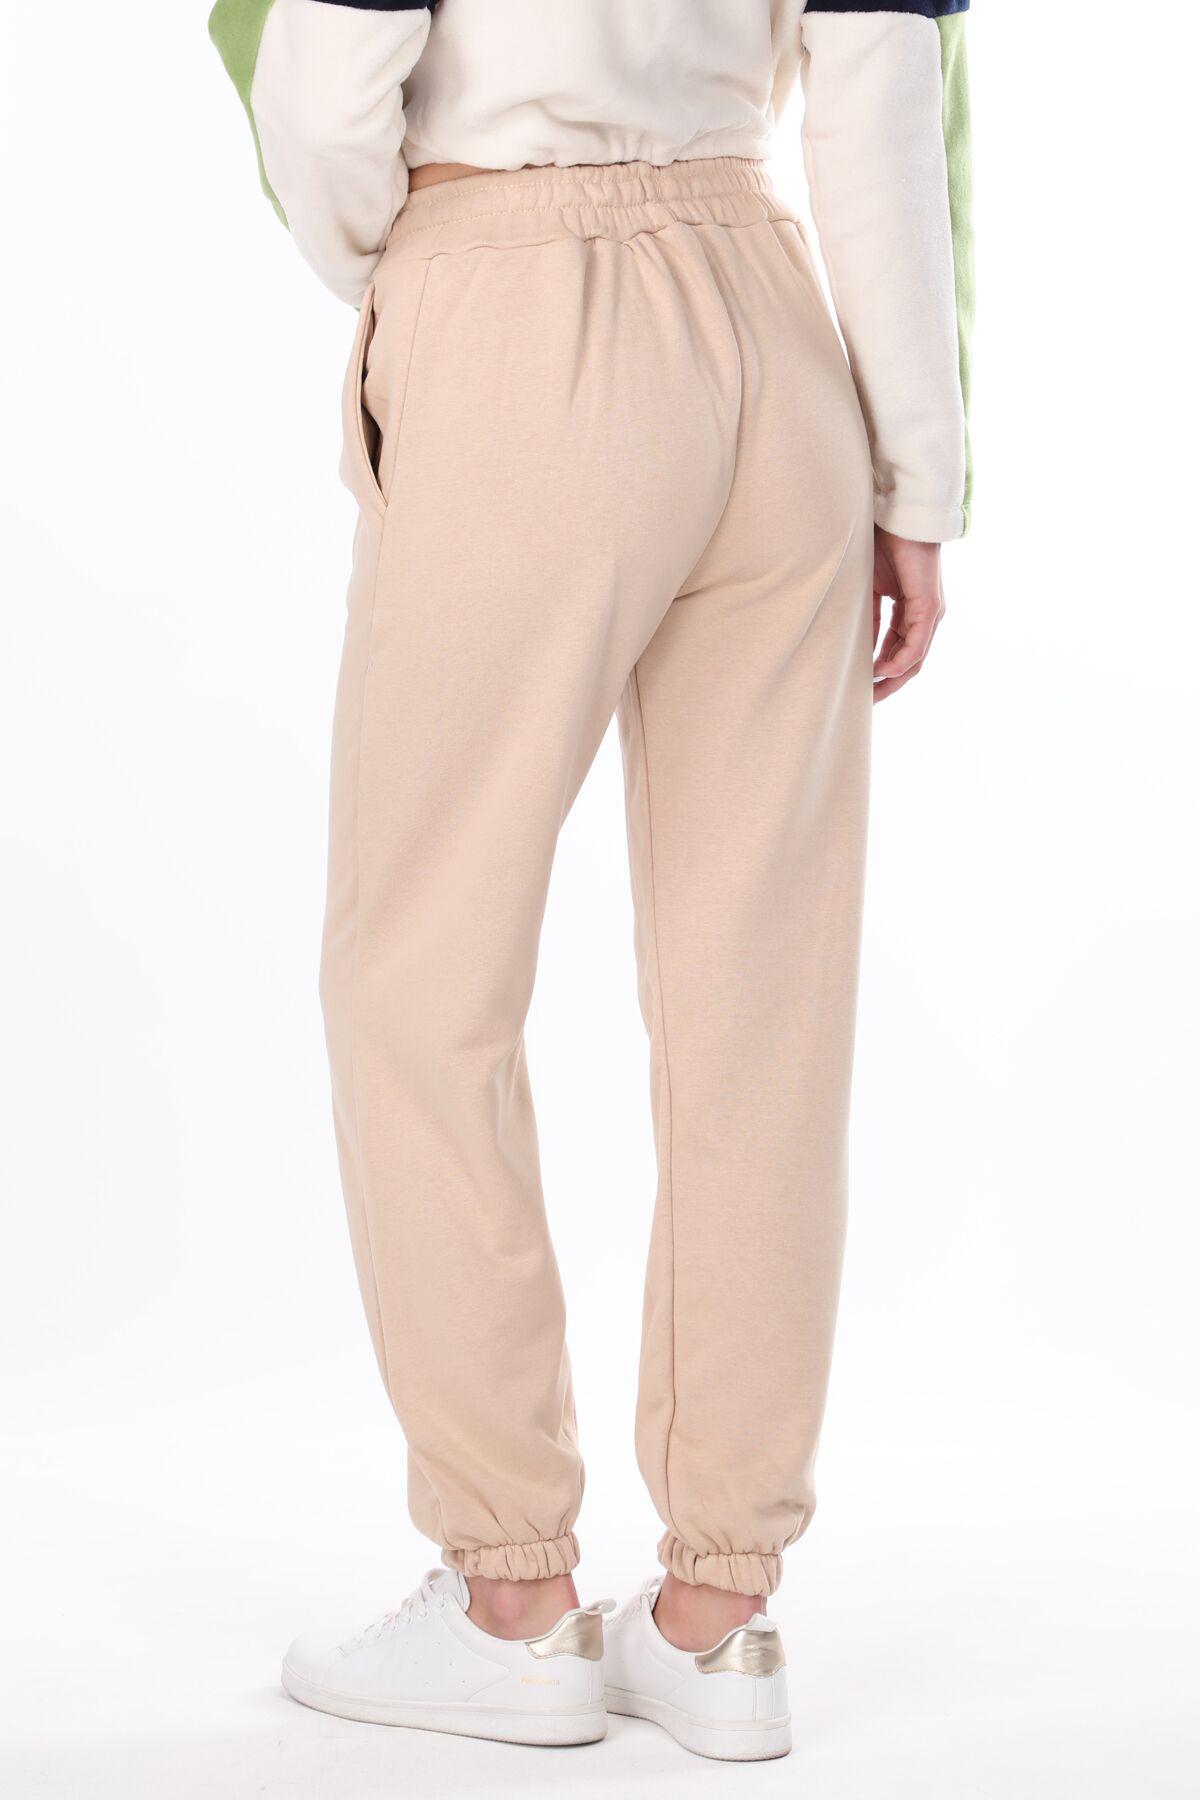 Женские однотонные эластичные бежевые спортивные штаны